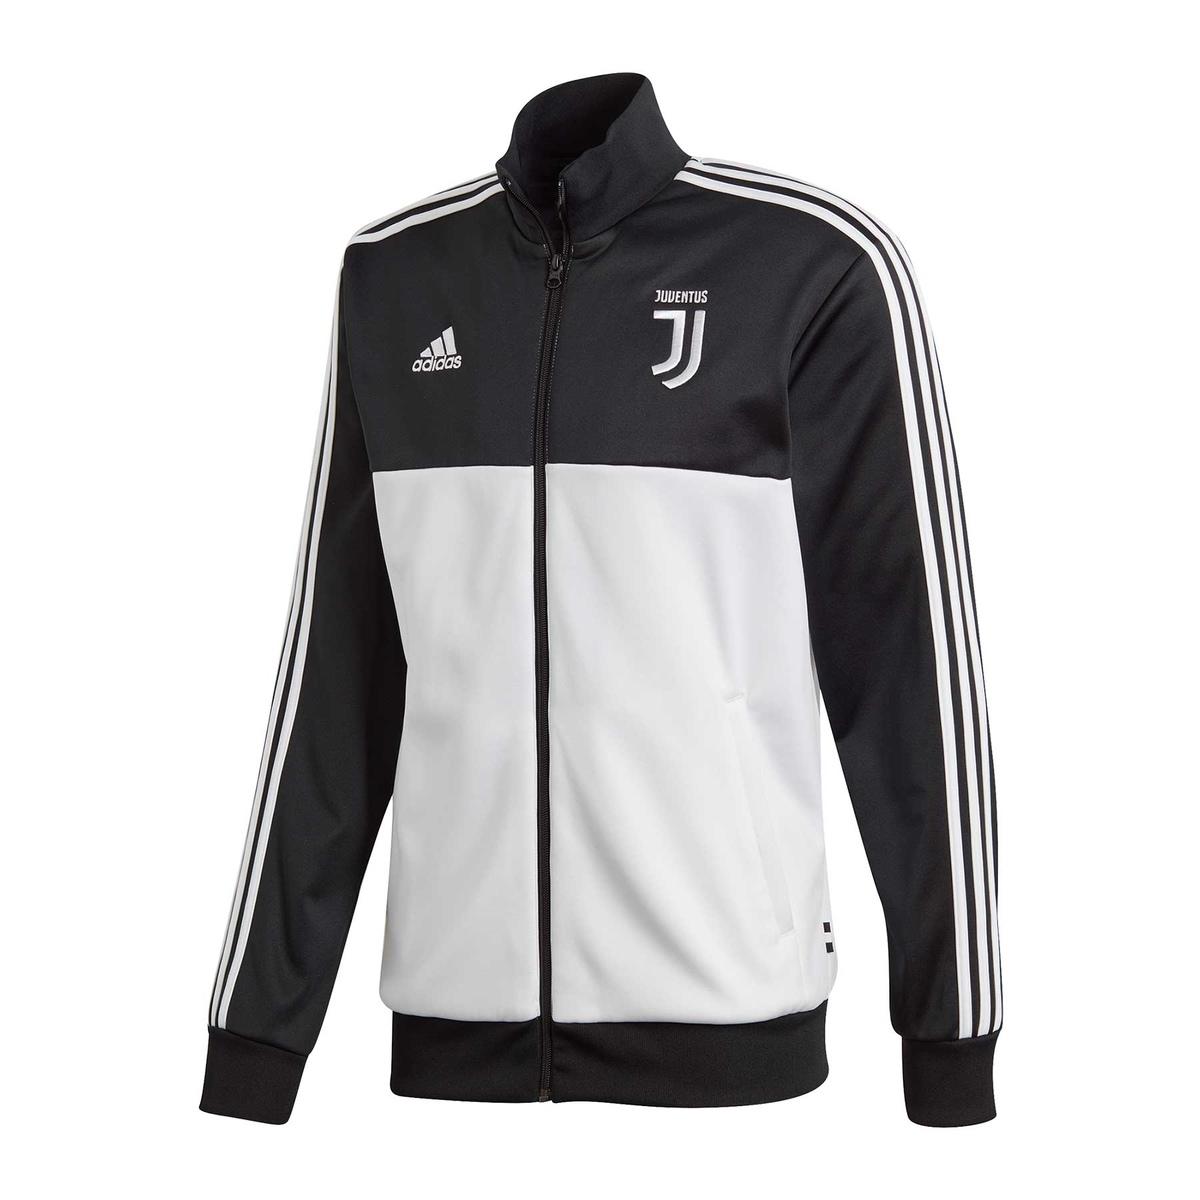 Offerte Tuta A Oro18 Da Uomo Juventus Partire Nera L35AjR4